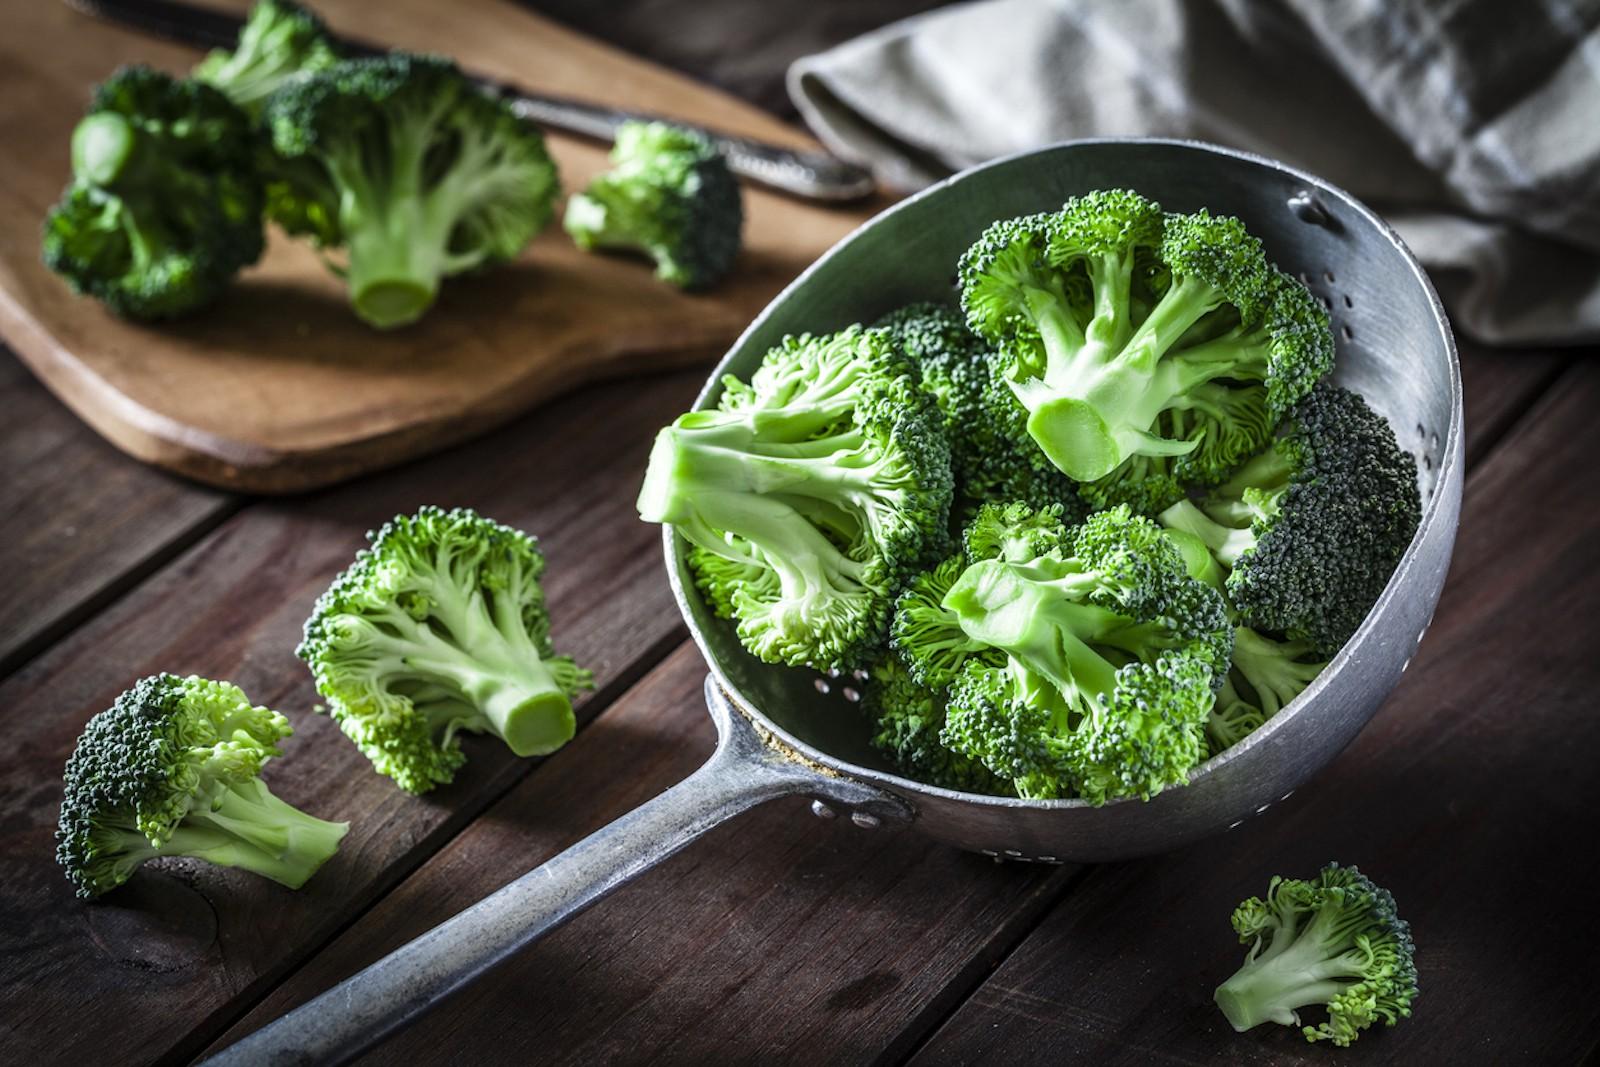 Mùa đông này nên ăn nhiều loại rau này hơn để thu về một loạt lợi ích sức khỏe - Ảnh 4.